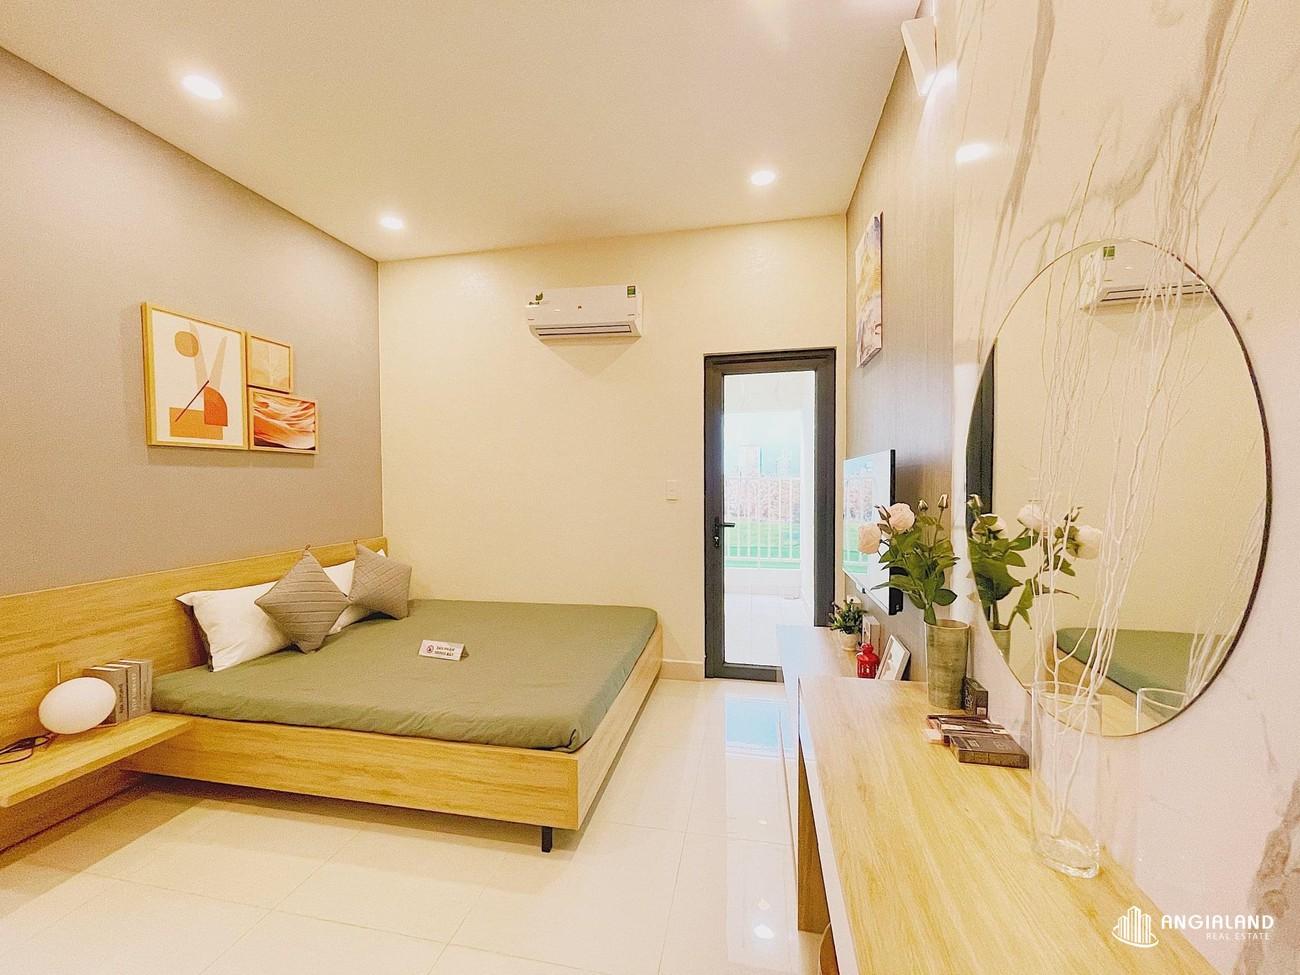 Phòng ngủ 1 nhà mẫu 59m2 Parkview Apartment Thuận An Bình Dương